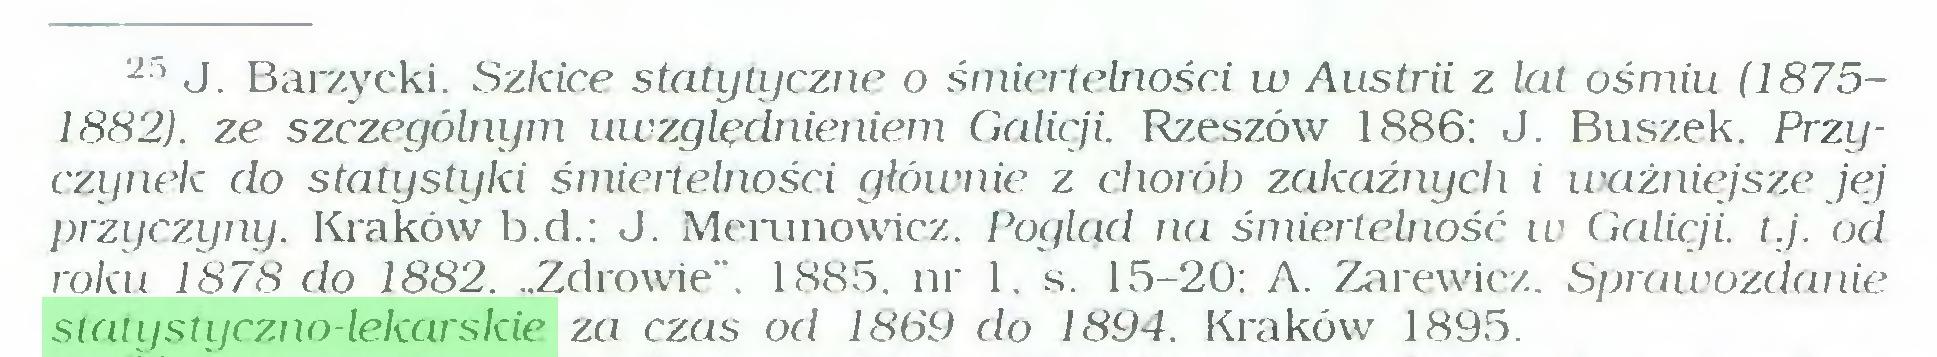 """(...) 2ri J. Barzycki. Szkice statytyczne o śmiertelności w Austrii z lat ośmiu (18751882). ze szczególnym uwzględnieniem Galicji. Rzeszów 1886: J. Buszek. Przyczynek do statystyki śmiertelności głównie z chorób zakaźnych i ważniejsze jej przyczyny. Kraków b.d.; J. Merunowicz. Pogląd na śmiertelność w Galicji, t.j. od roku 1878 do 1882. """"Zdrowie"""". 1885. nr 1. s. 15-20: A. Zarewicz. Sprawozdanie statystyczno-lekarskie za czas od 1869 do 1894. Kraków 1895..."""